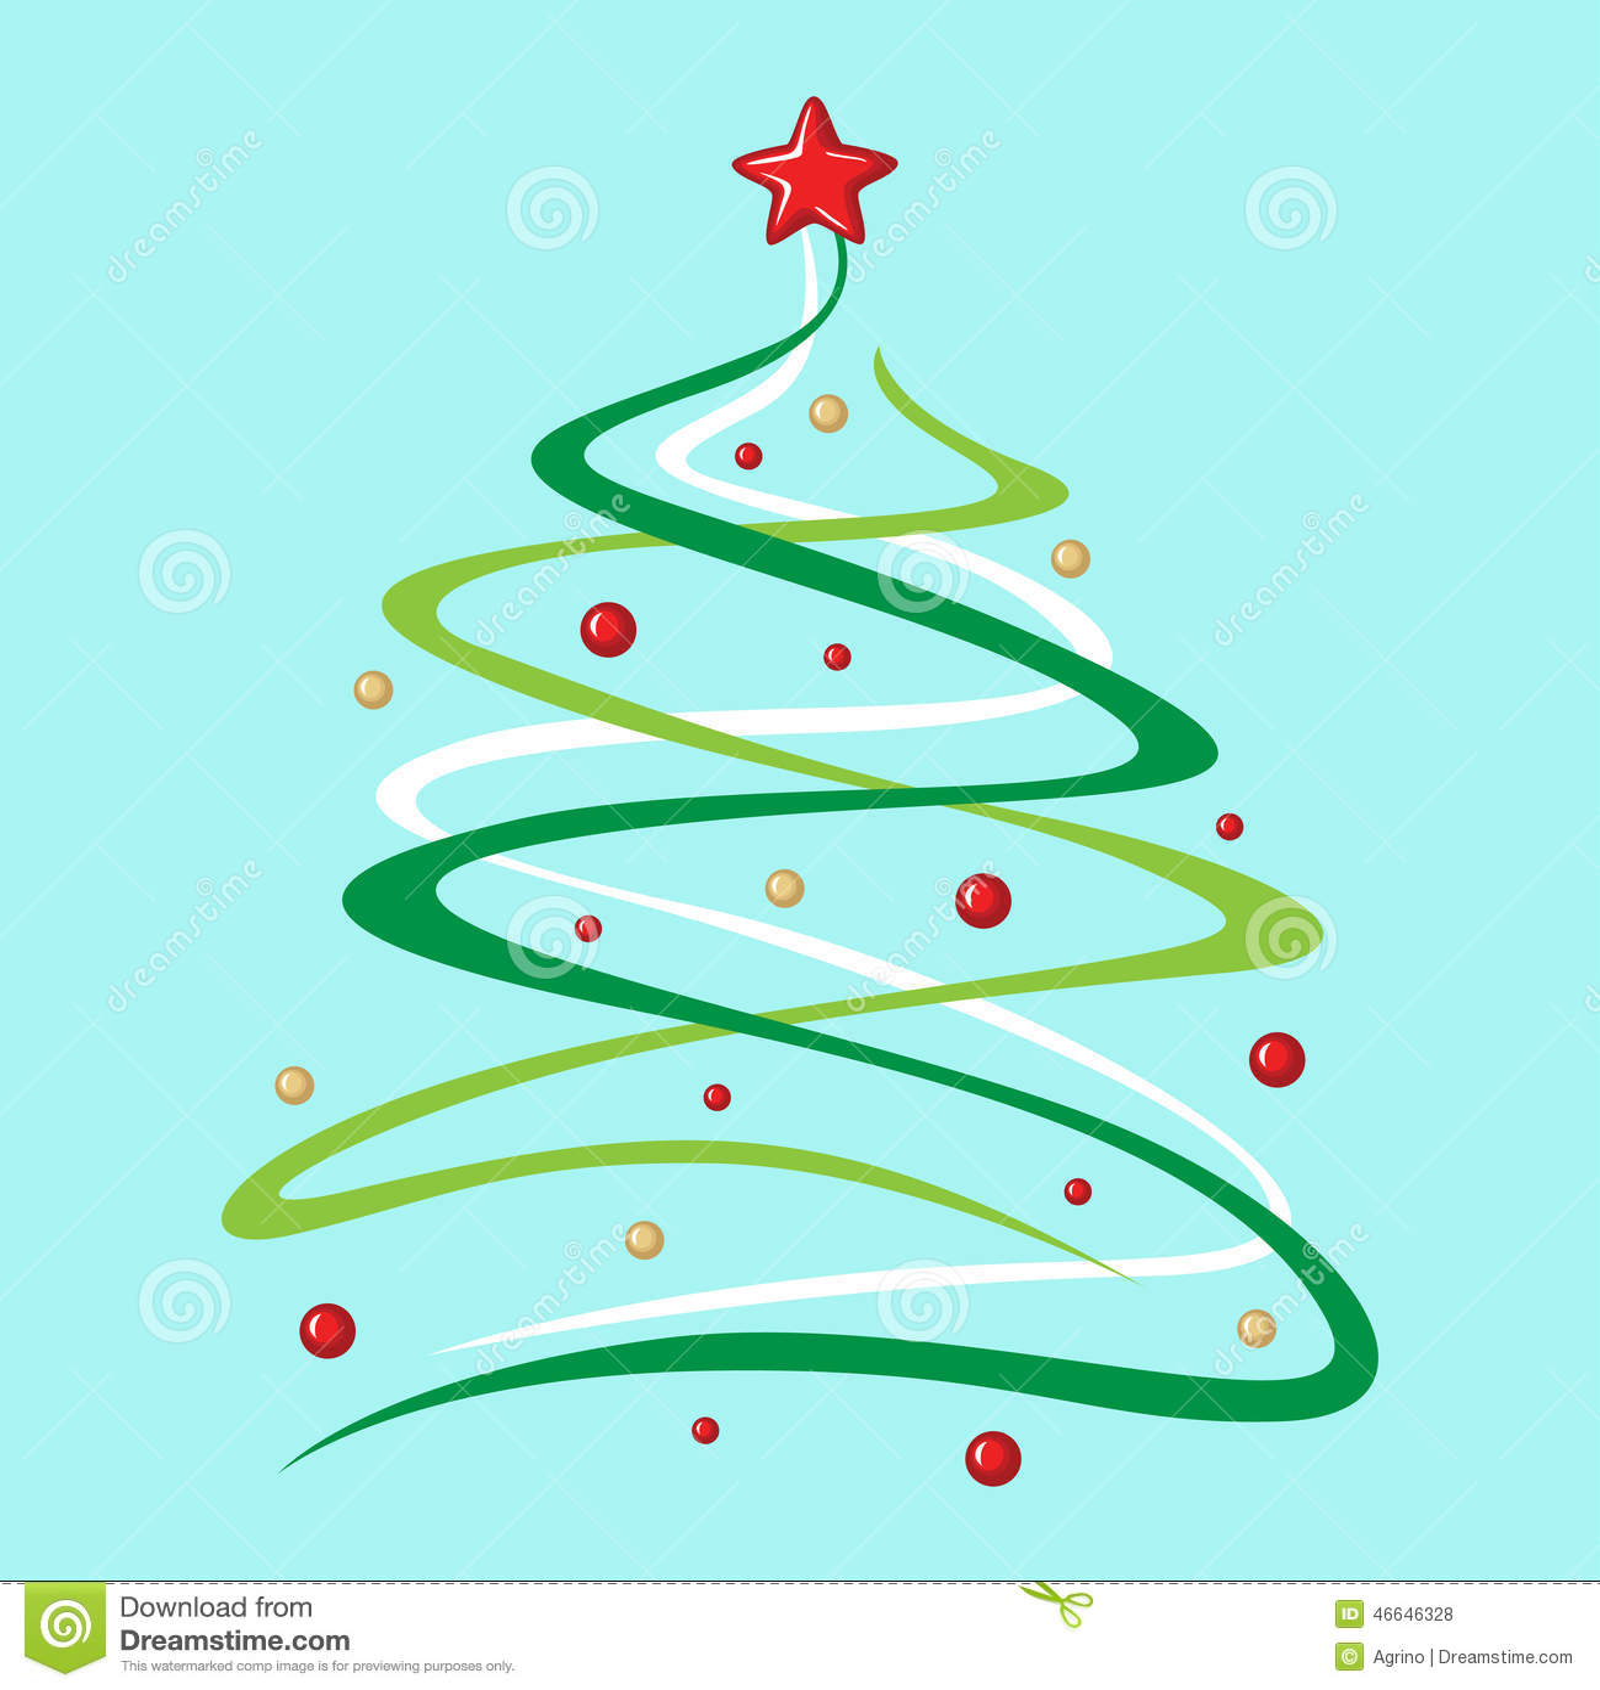 Boules et toile d cor es d 39 arbre de sapin de no l sur le fond bleu illustration de vecteur - Dessin sapin vert ...